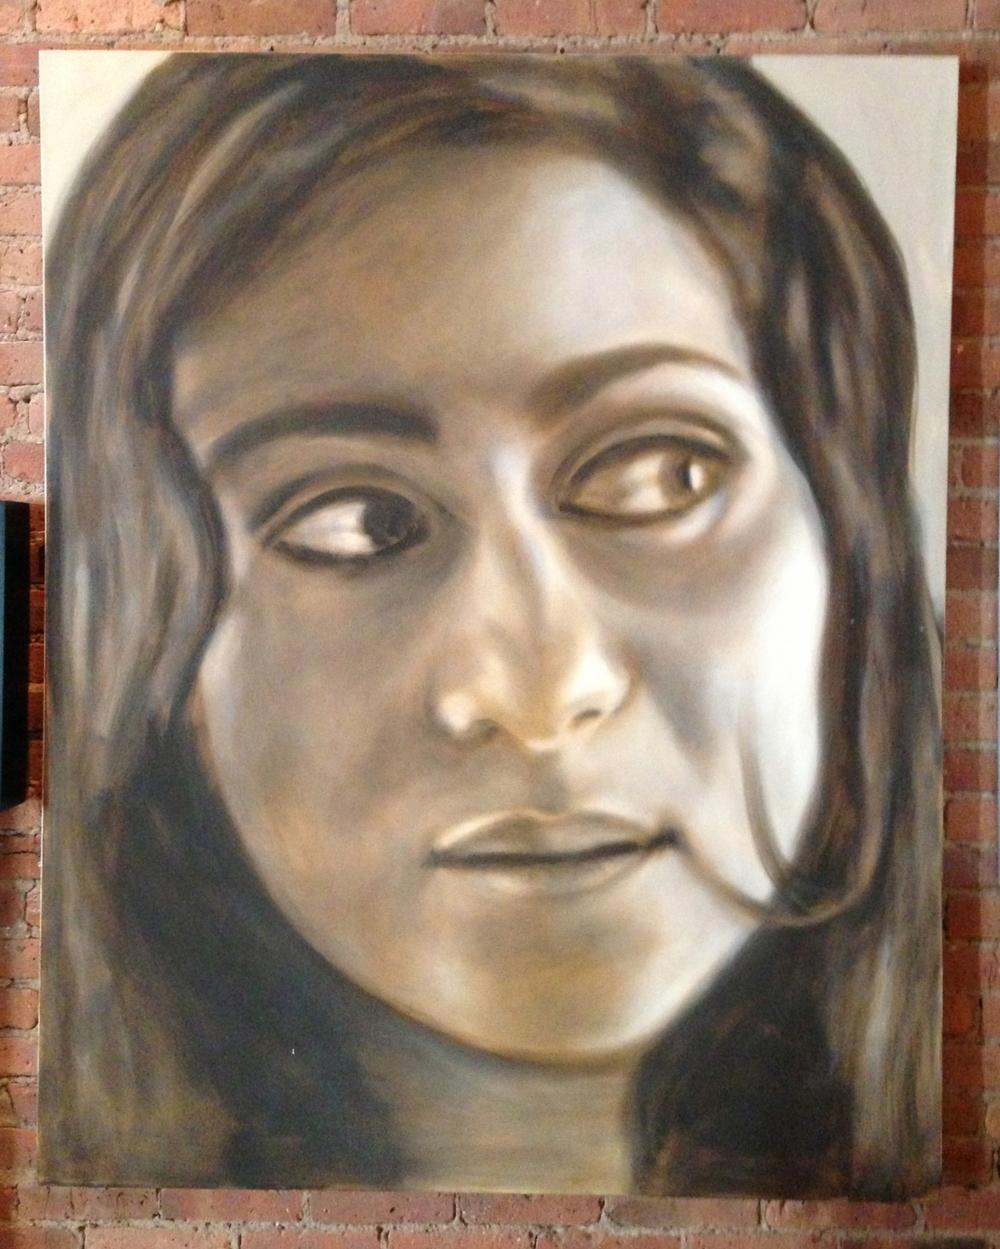 Negar, 2004